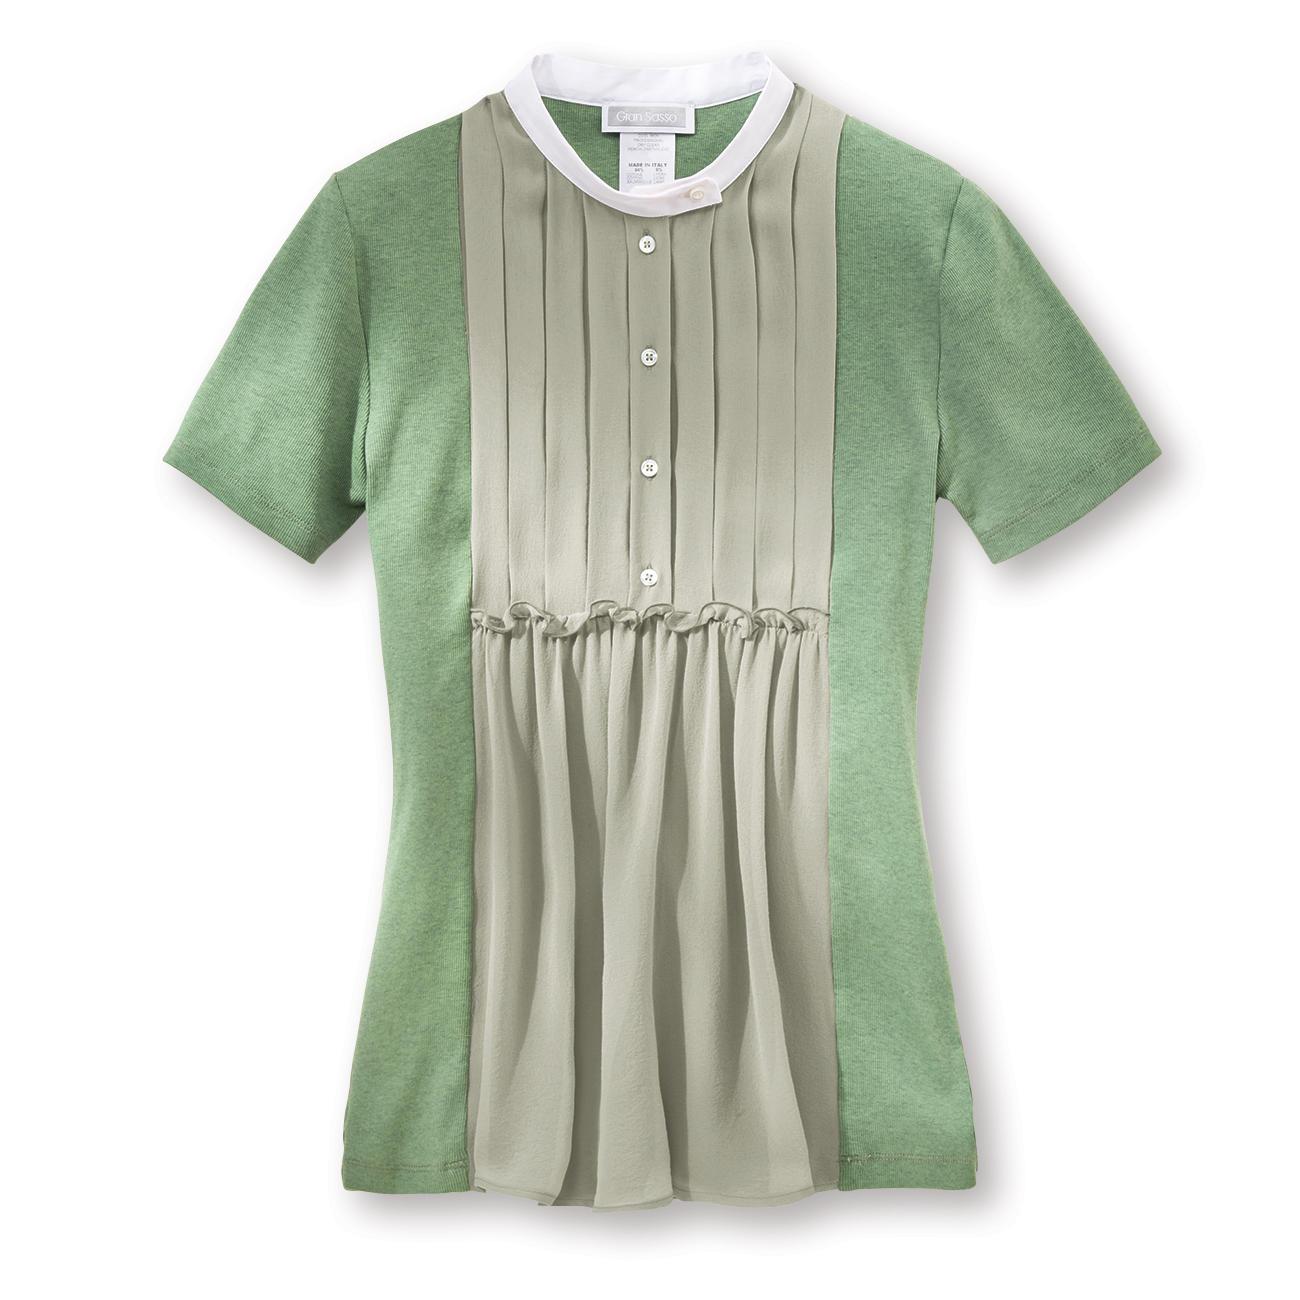 gran sasso blusen shirt mode klassiker entdecken. Black Bedroom Furniture Sets. Home Design Ideas